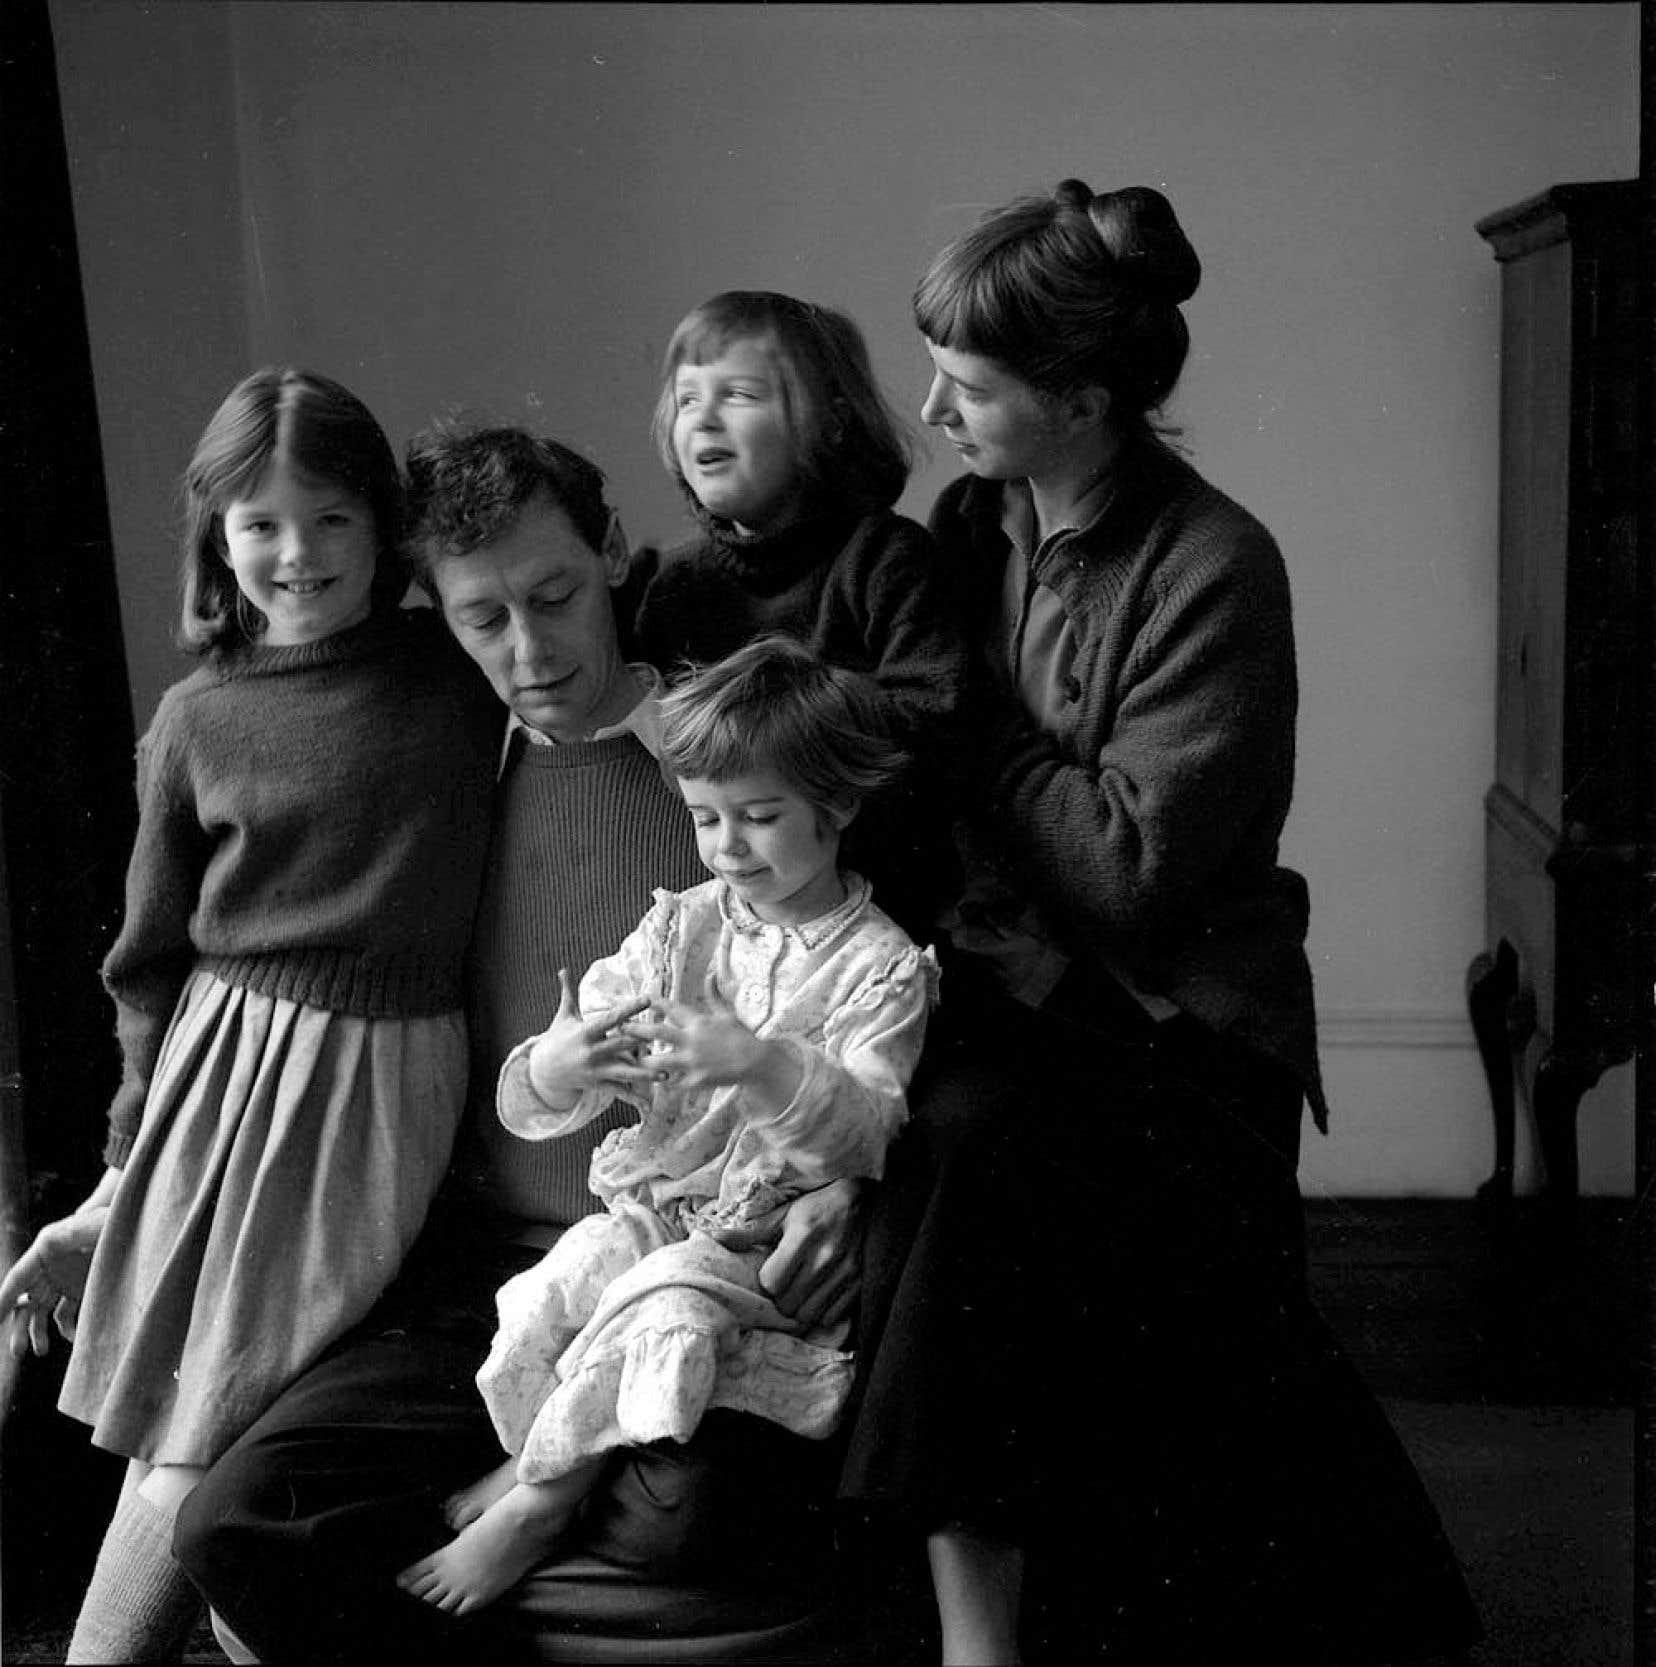 À l'instar des ménages du Québec dans les dernières années du baby-boom, la famille Piper comptait trois enfants au tournant des années 1960.